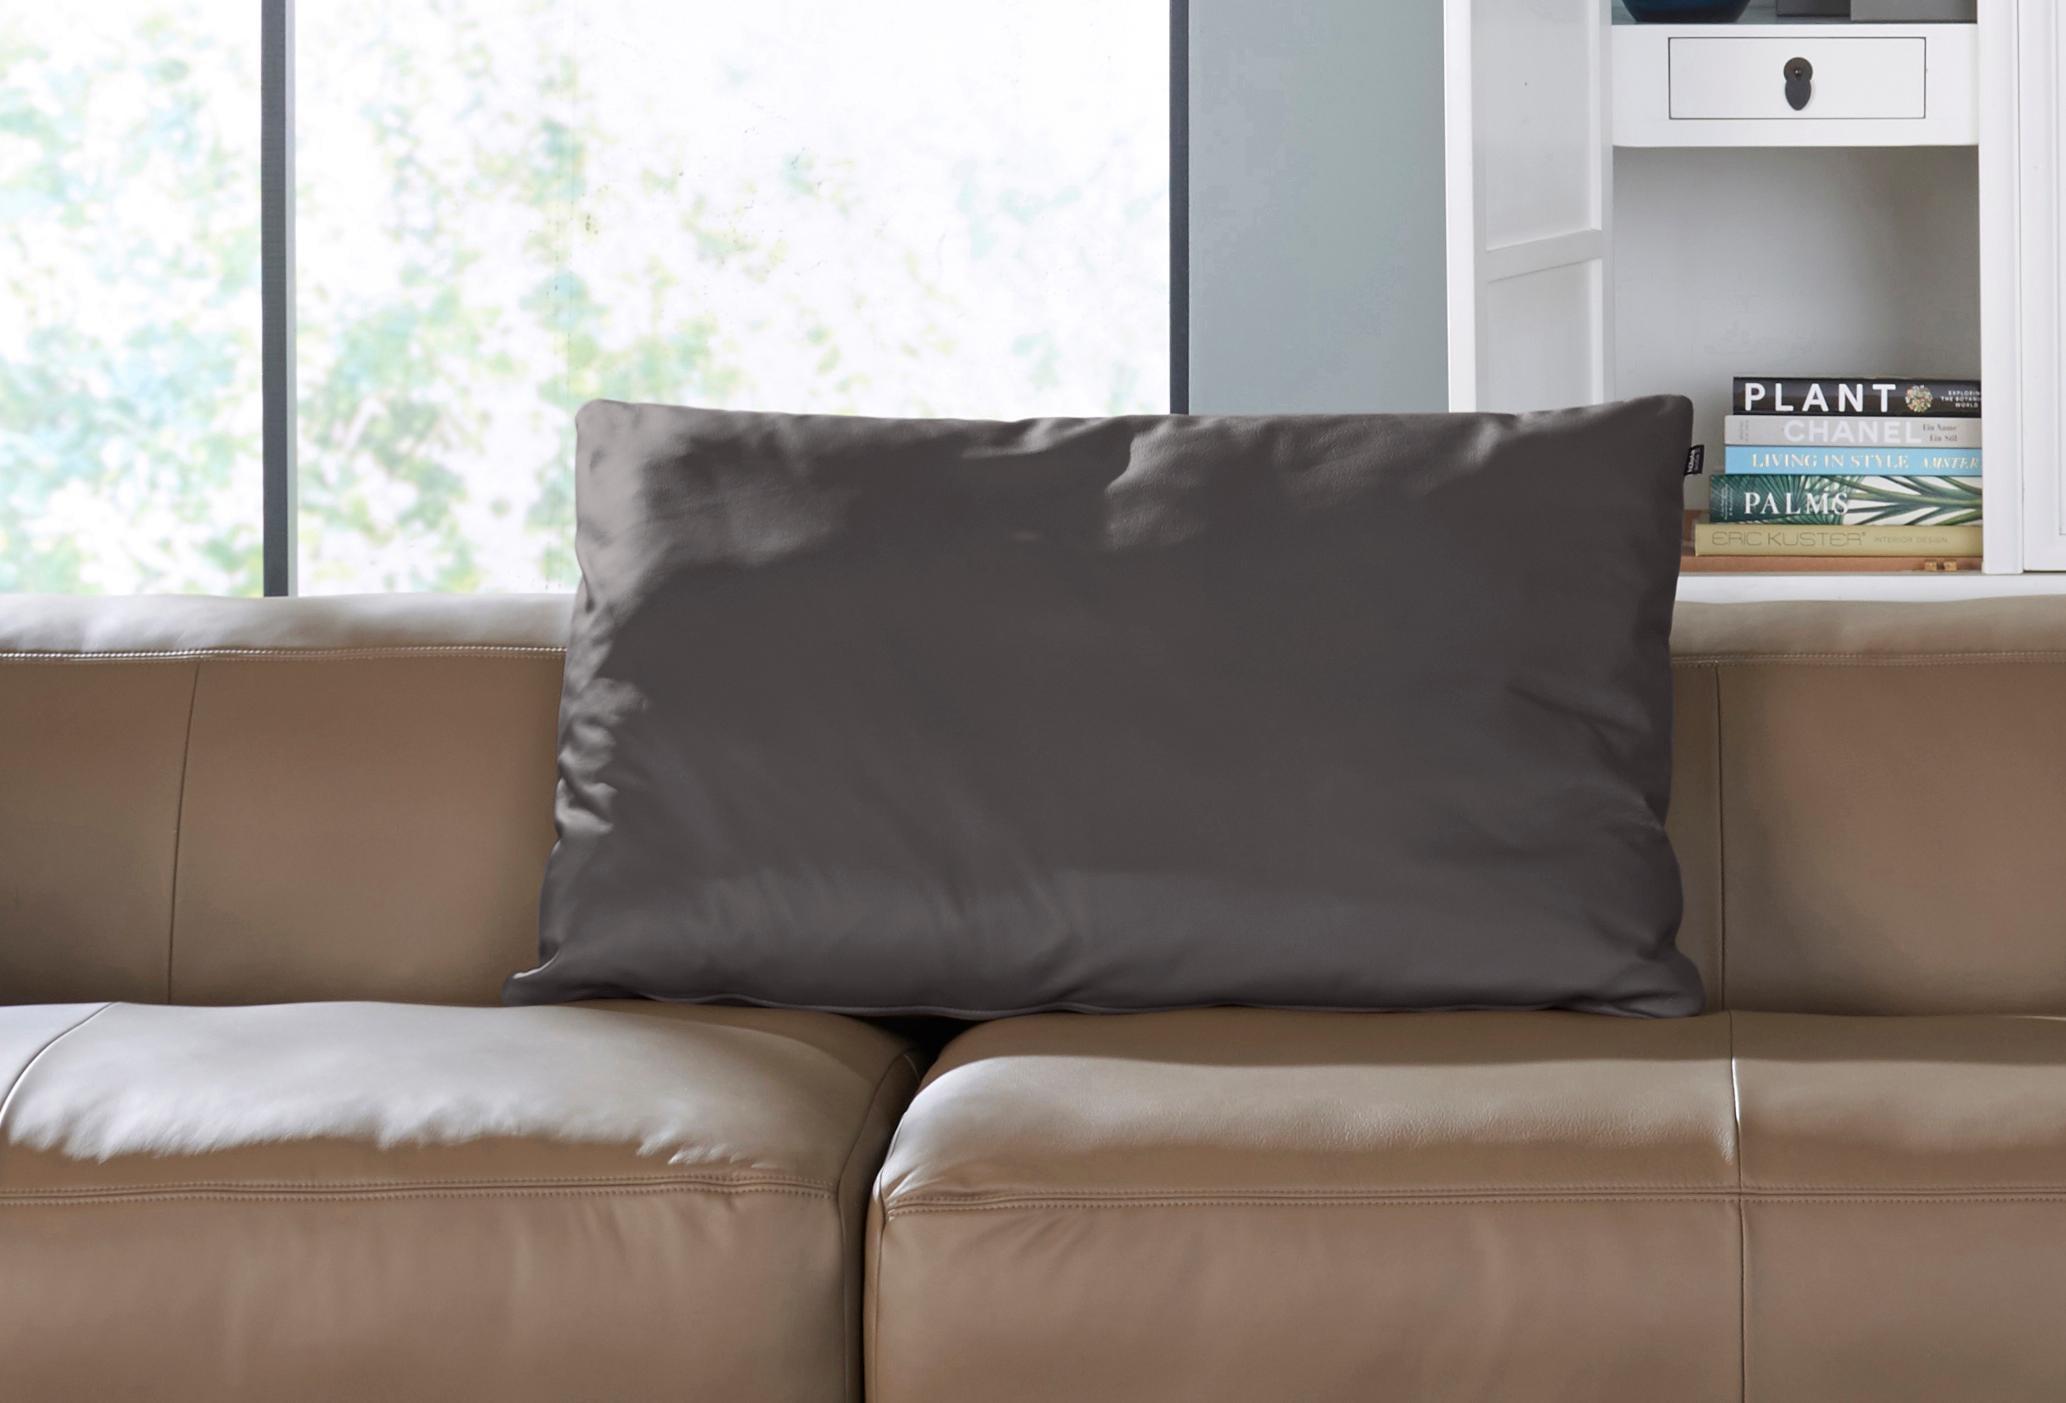 hülsta sofa Rückenkissen hs432 wahlweise in Stoff oder Leder